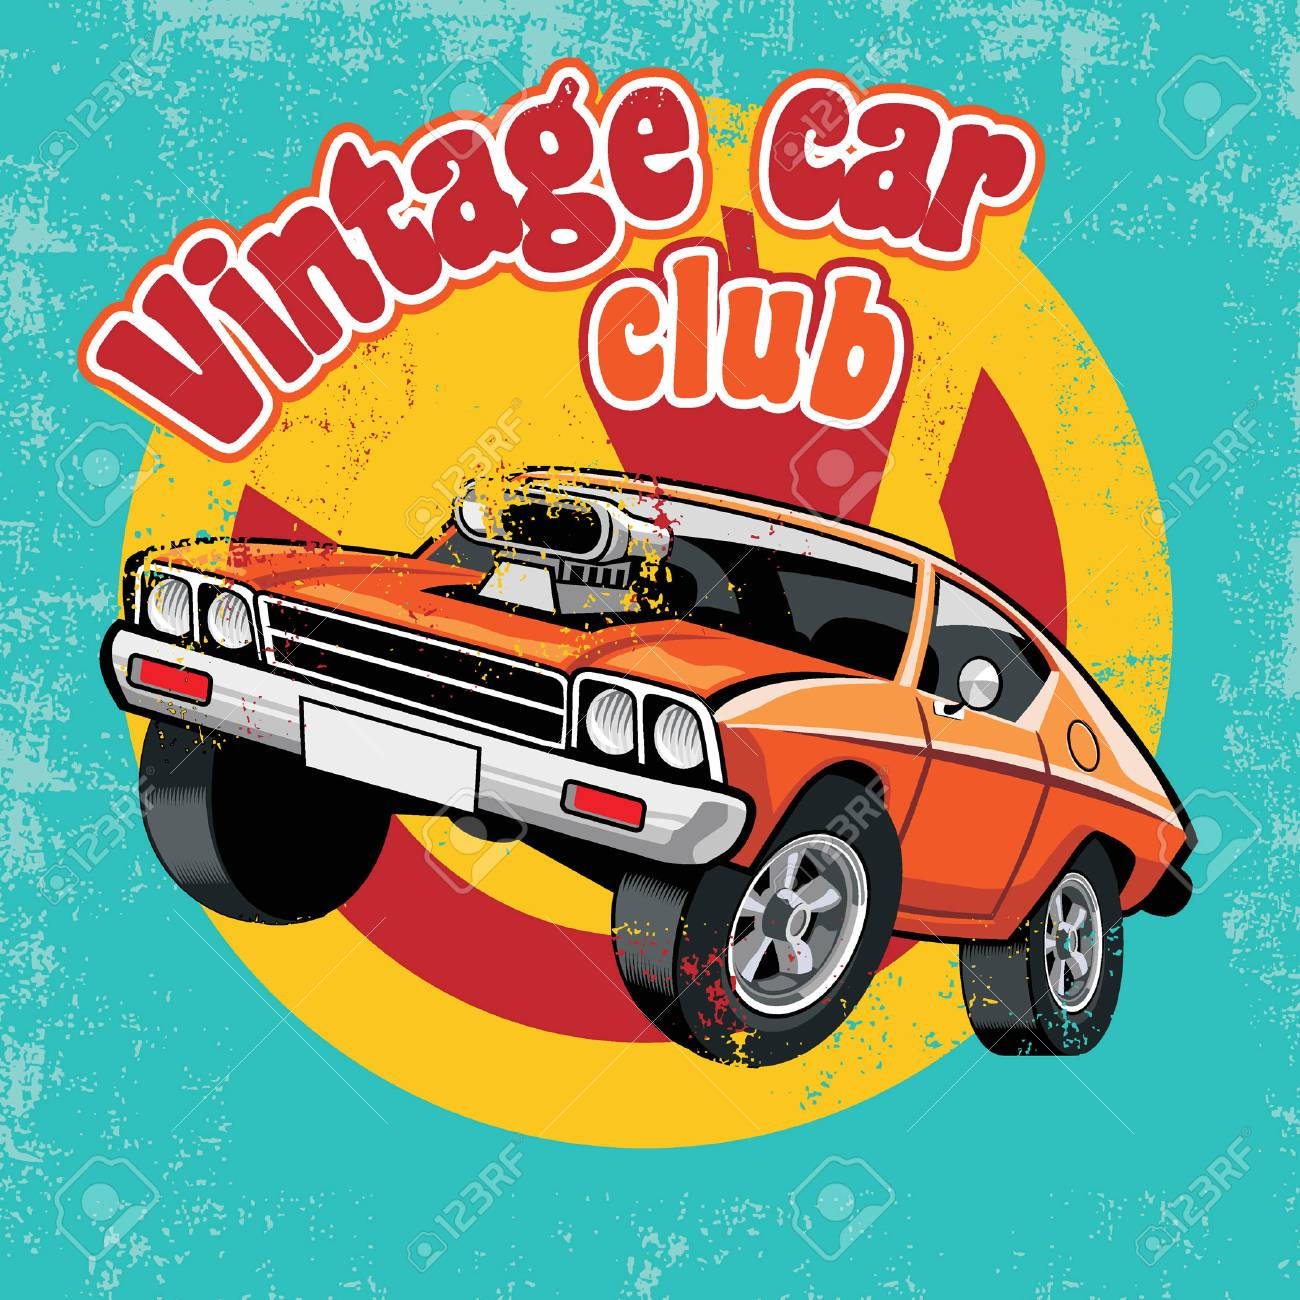 vintage club car design in vintage style - 91884601